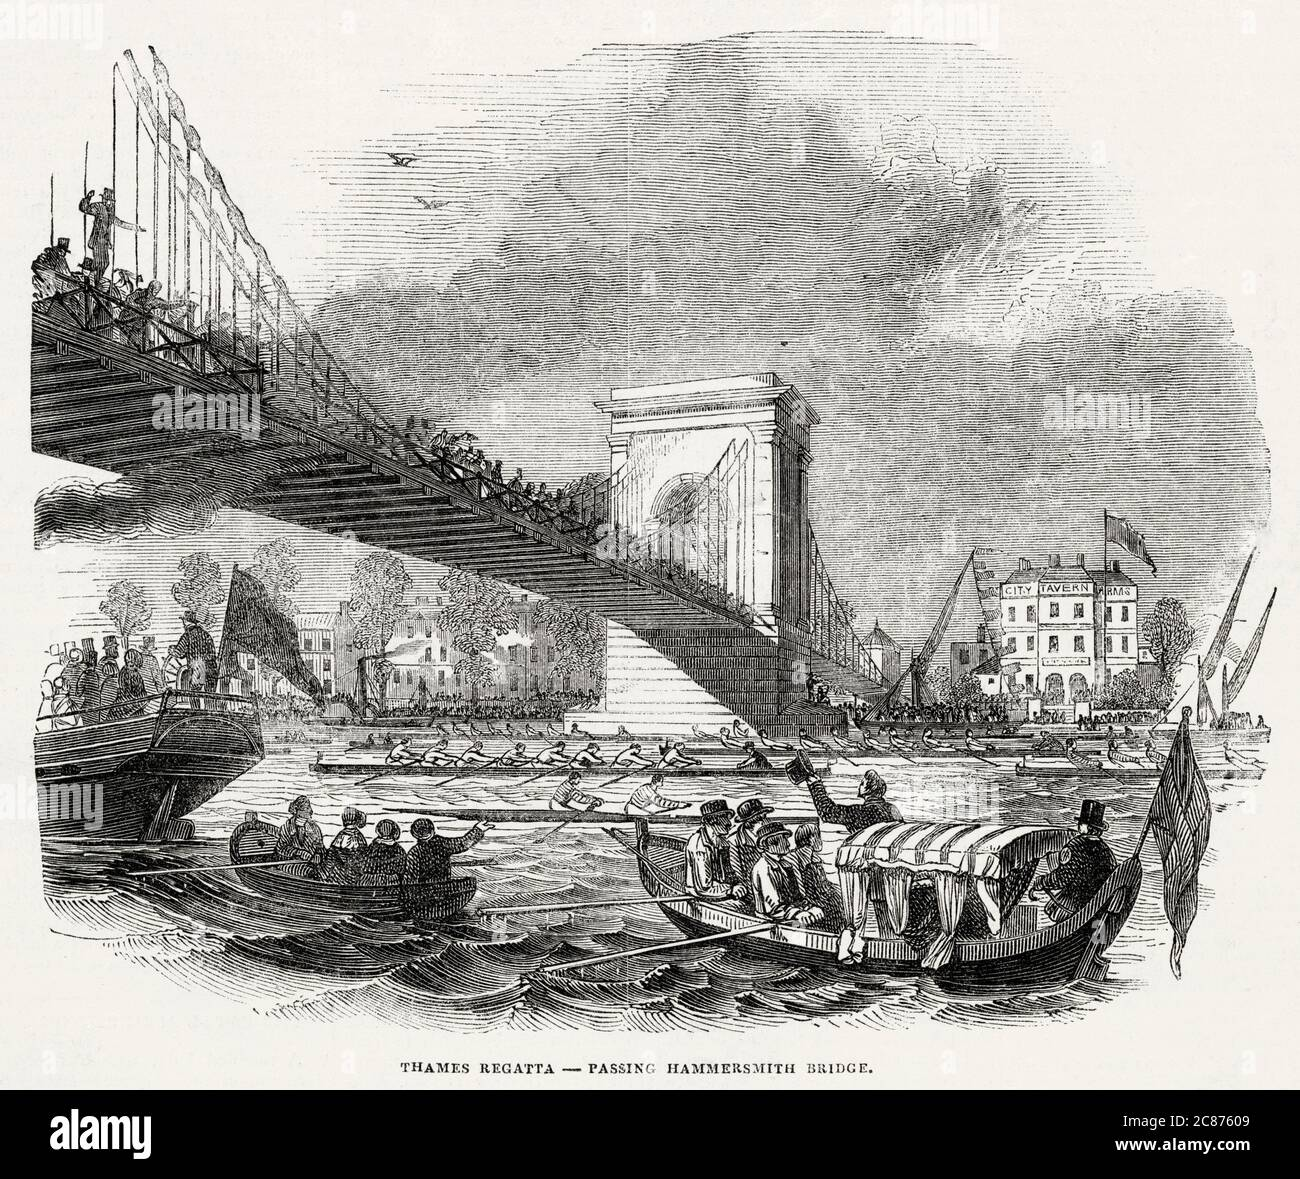 Barcos de remo pasando por el puente Hammersmith. Fecha: 1846 Foto de stock